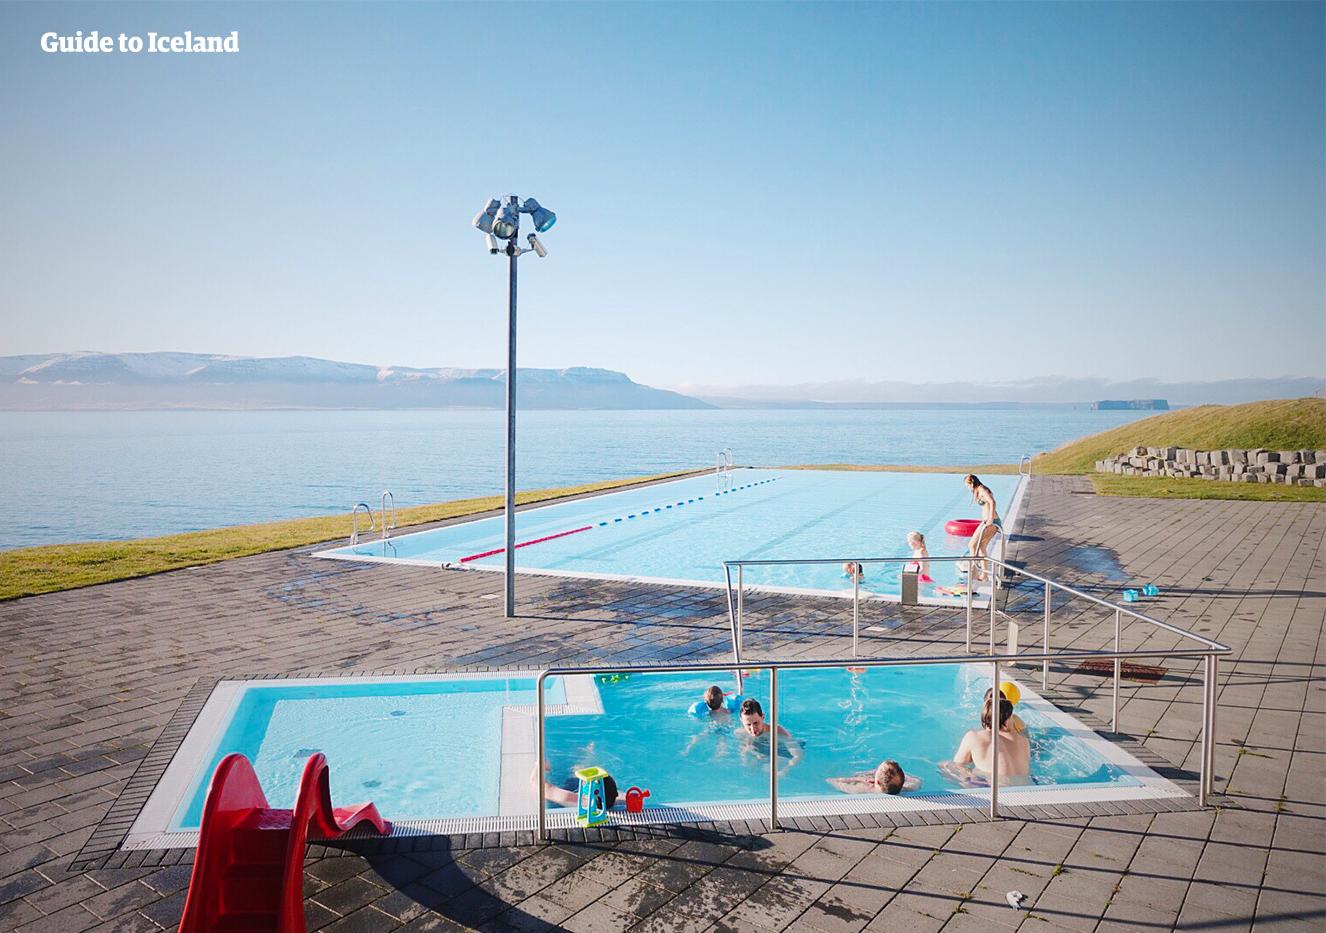 アイスランドでは珍しい豊かな緑に囲まれたフロインフォッサルは、季節ごとに大きく印象を変える滝でもある